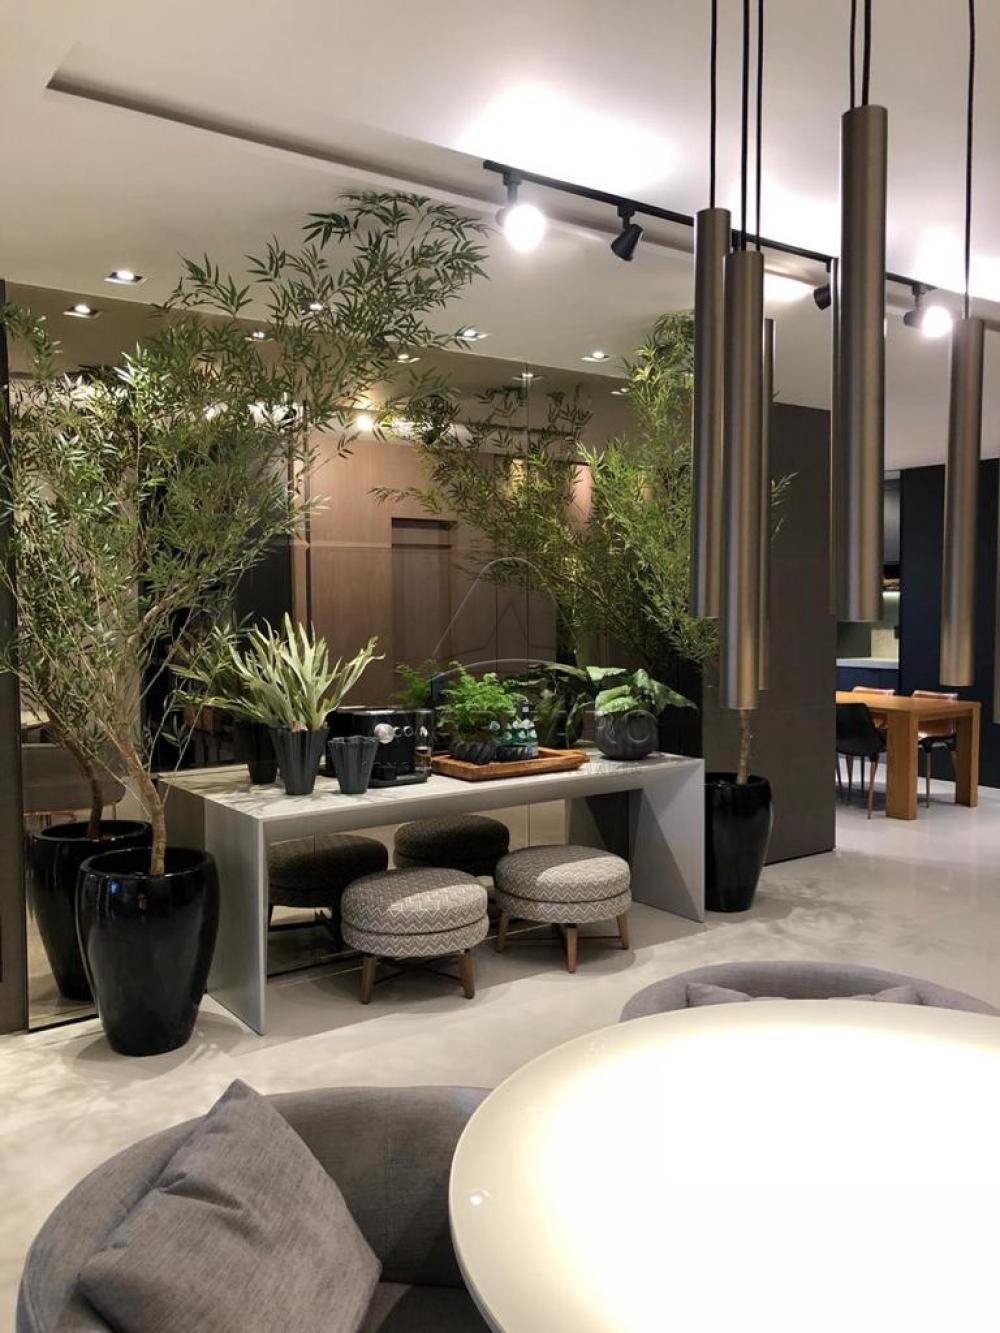 Comprar Apartamento / Padrão em Ponta Grossa R$ 1.500.000,00 - Foto 1